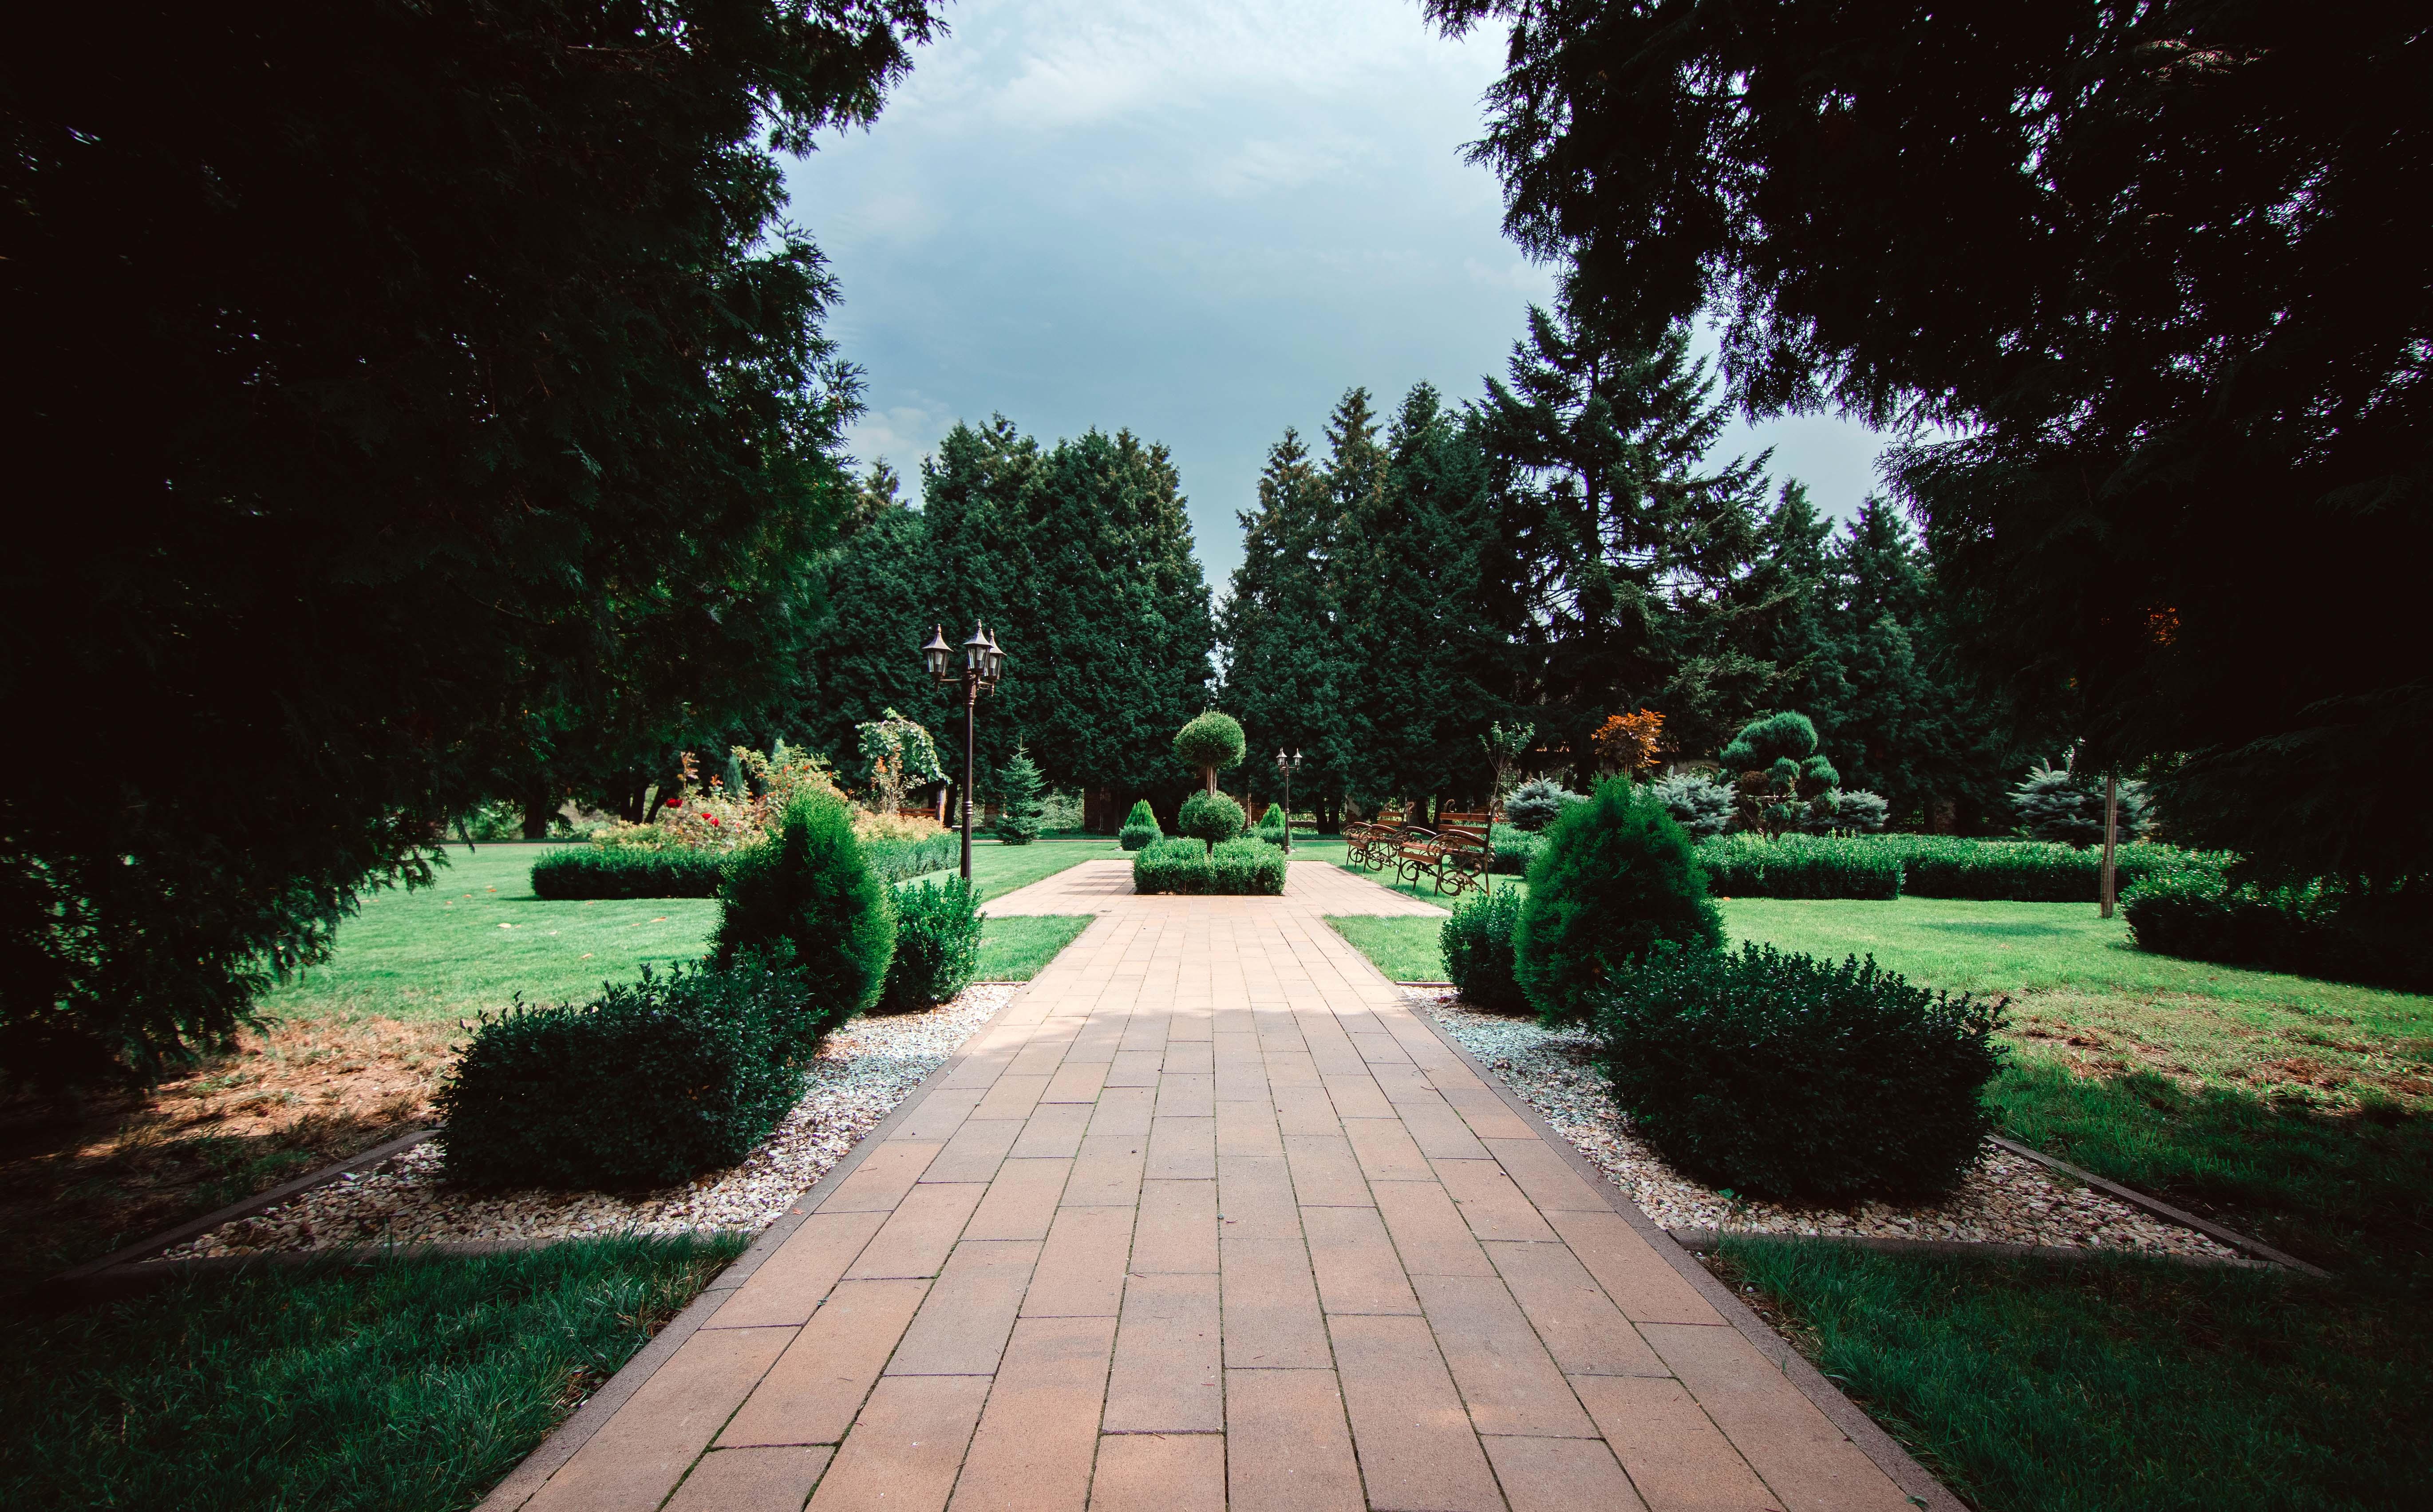 Митрополичі сади